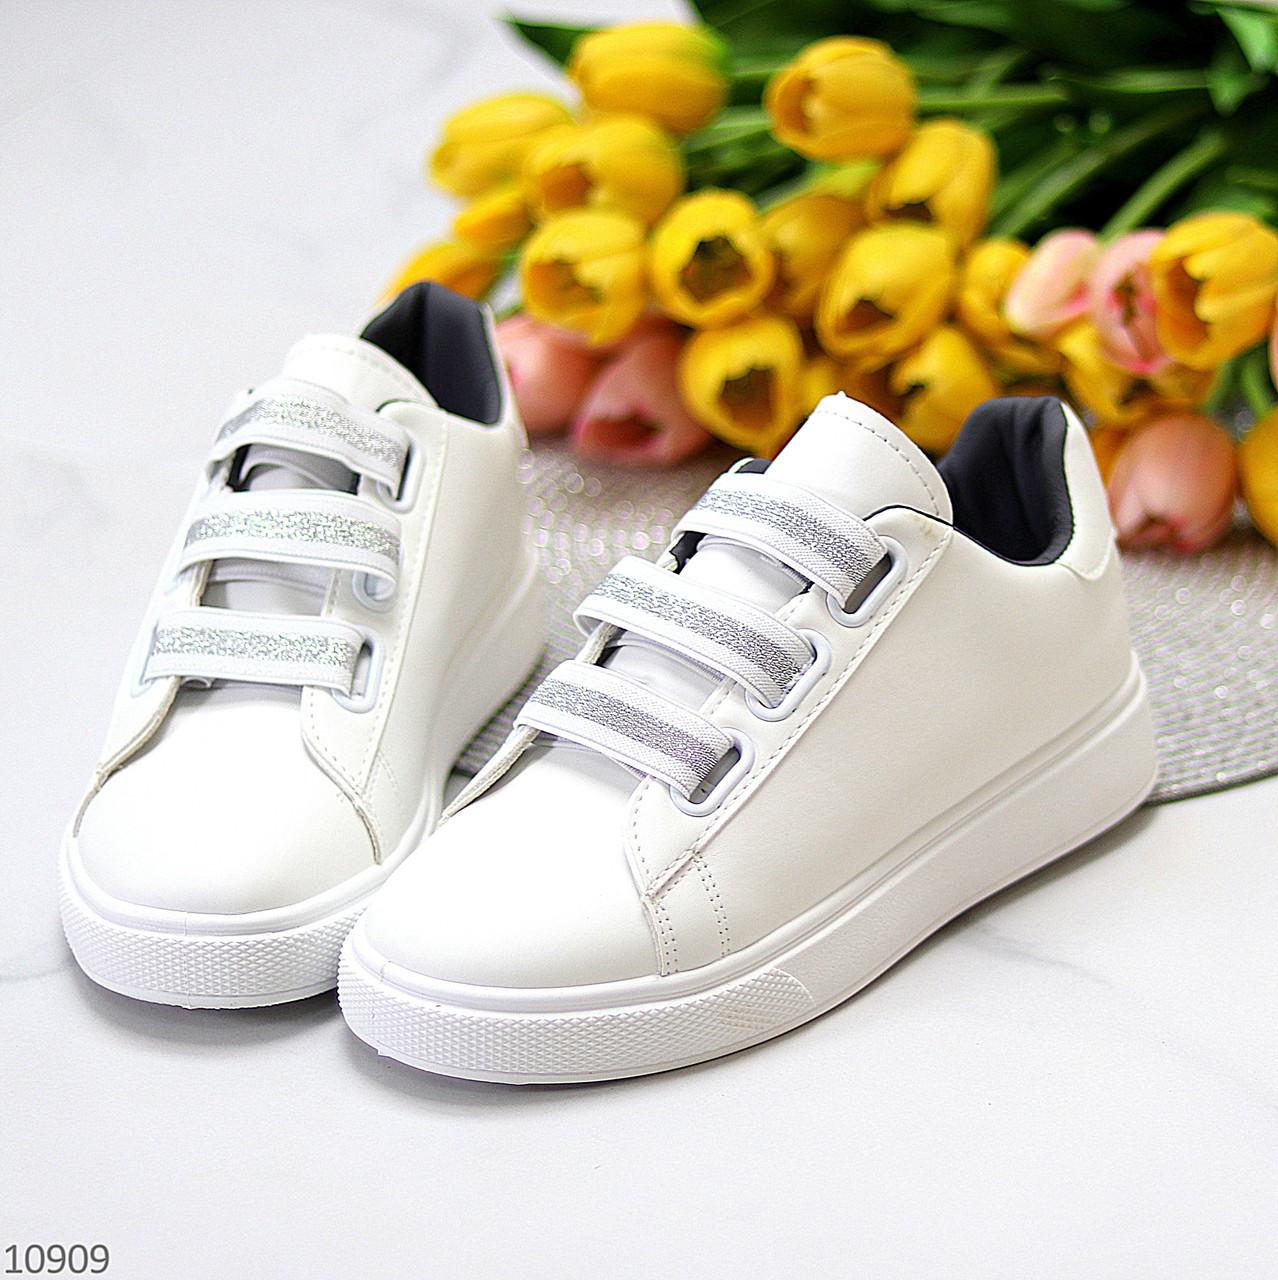 Кеди / кросівки жіночі білі з сірими на липучці еко шкіра